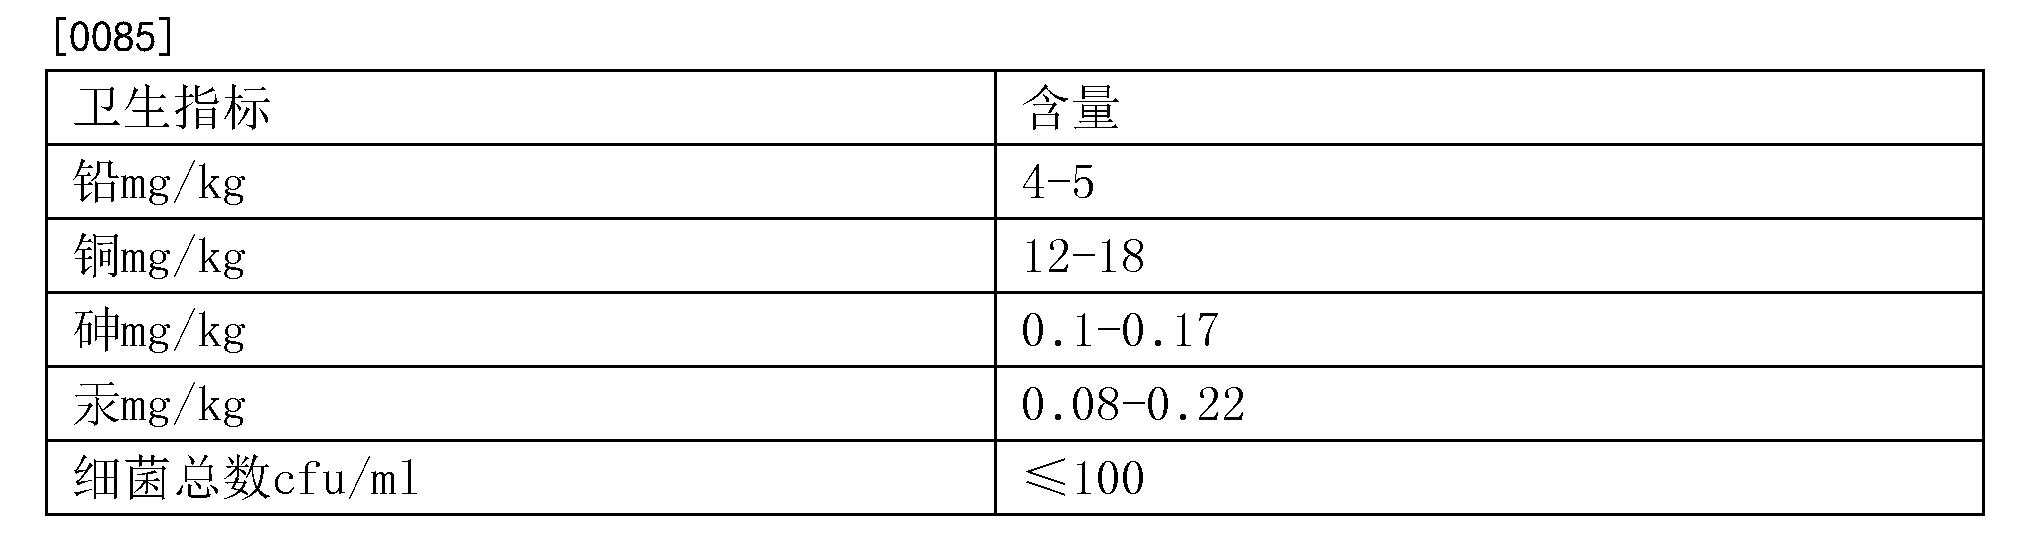 Figure CN104351383BD00103